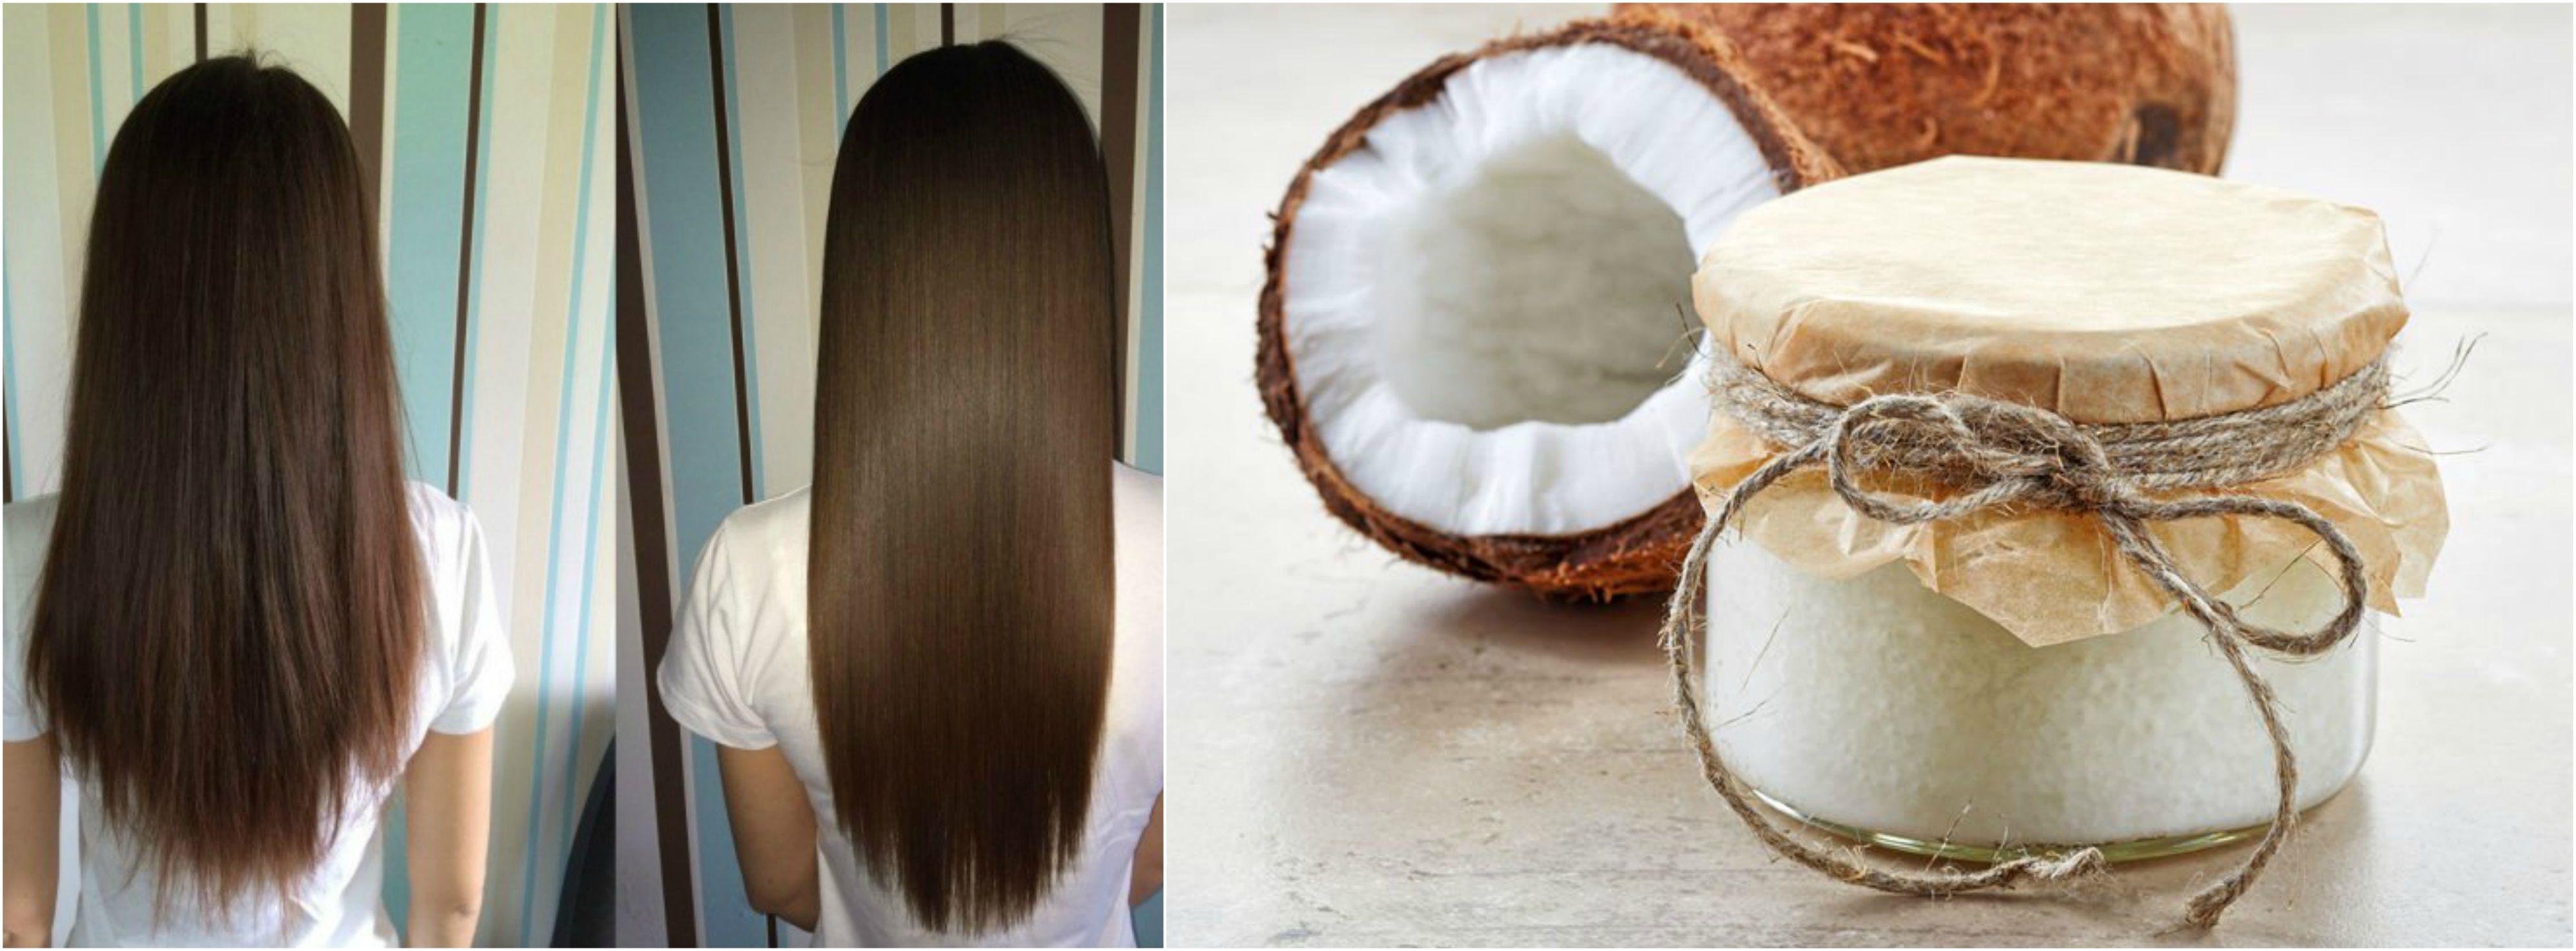 Aceite coco para el pelo